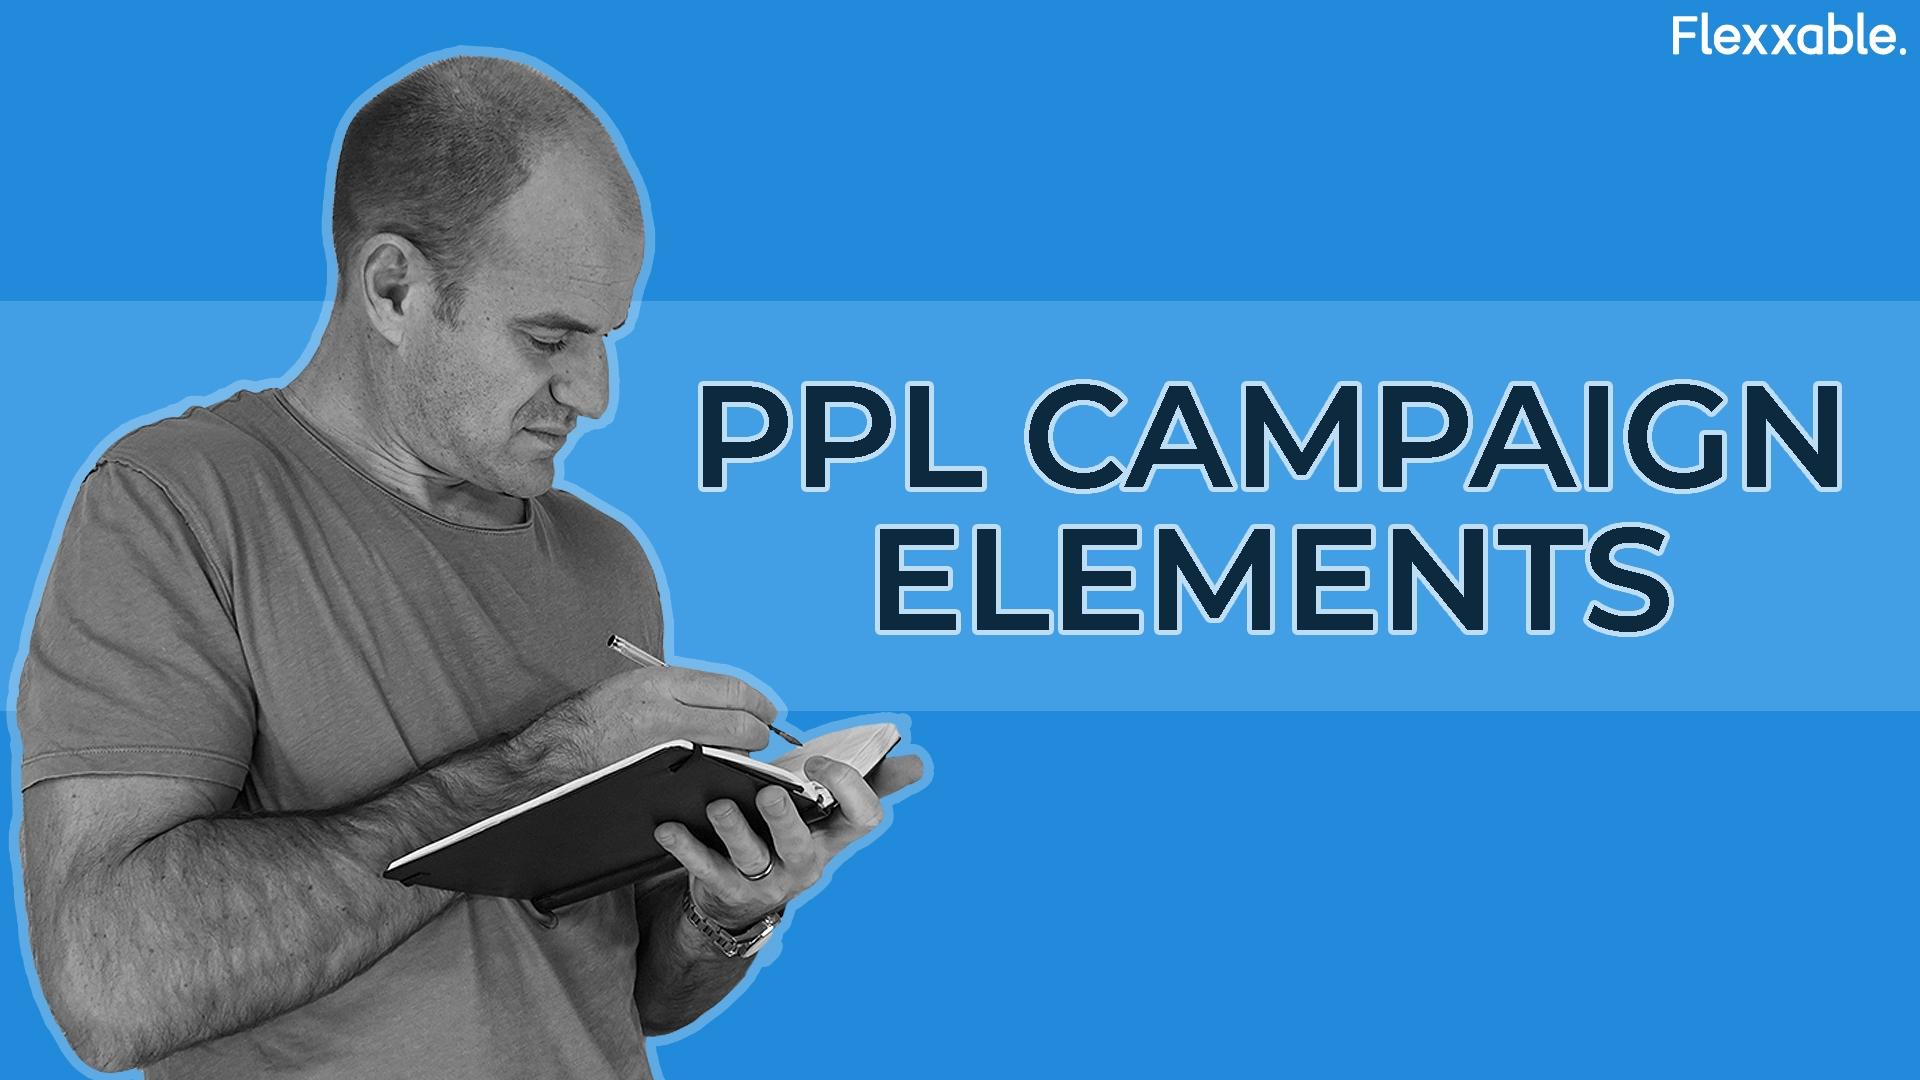 ppl campaign elements